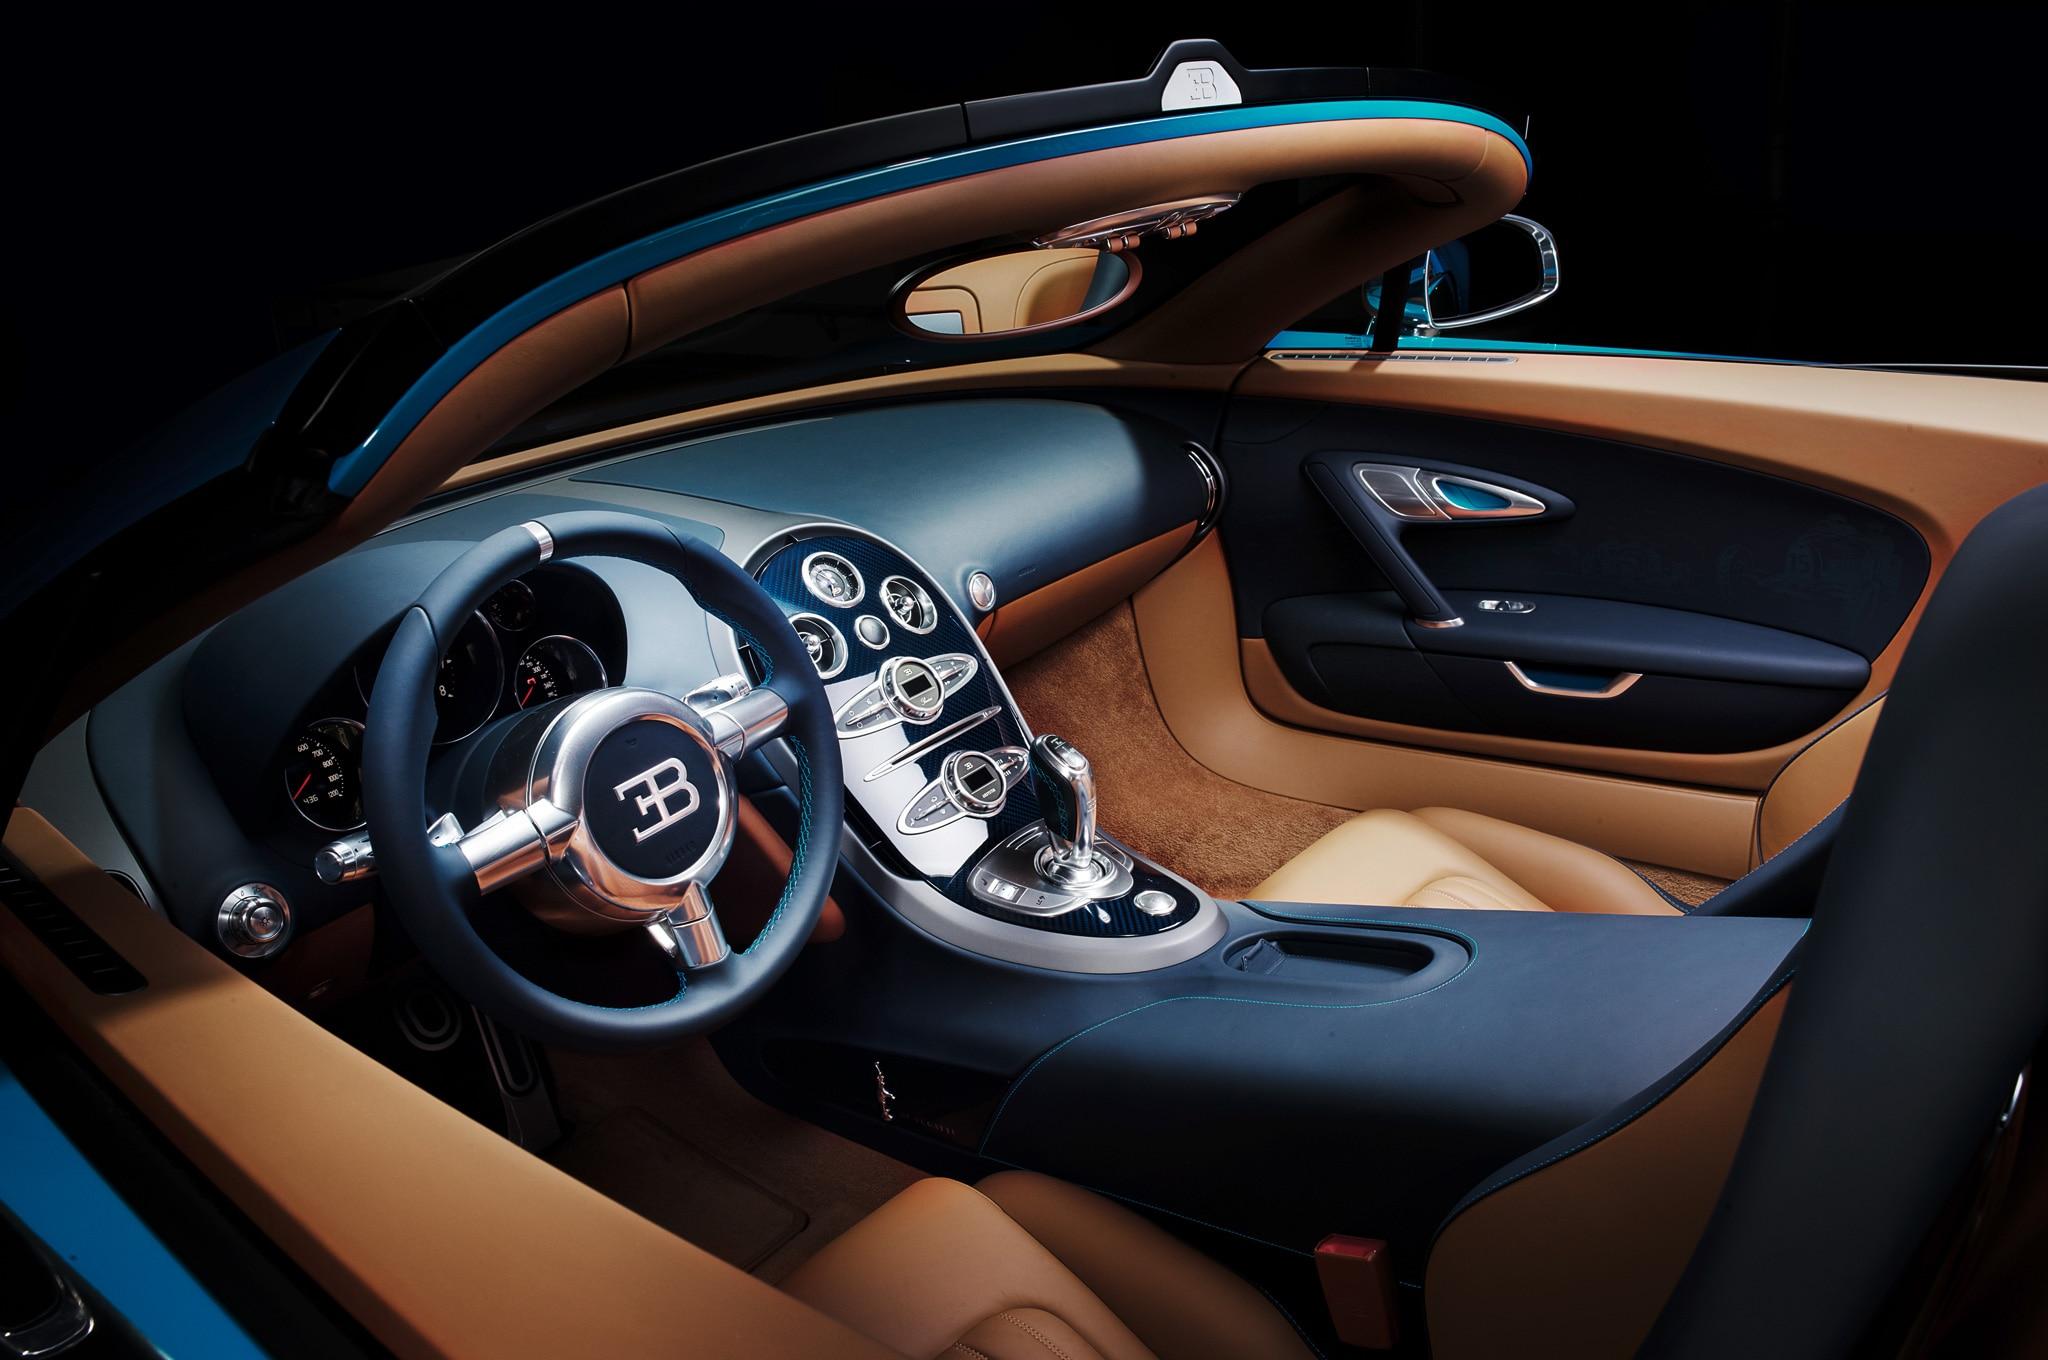 2013-Bugatti-Veyron-Grand-Sport-Vitesse-Meo-Costantini-Edition-interior-view Terrific Bugatti Veyron 16.4 Grand Sport Vitesse Prix Cars Trend